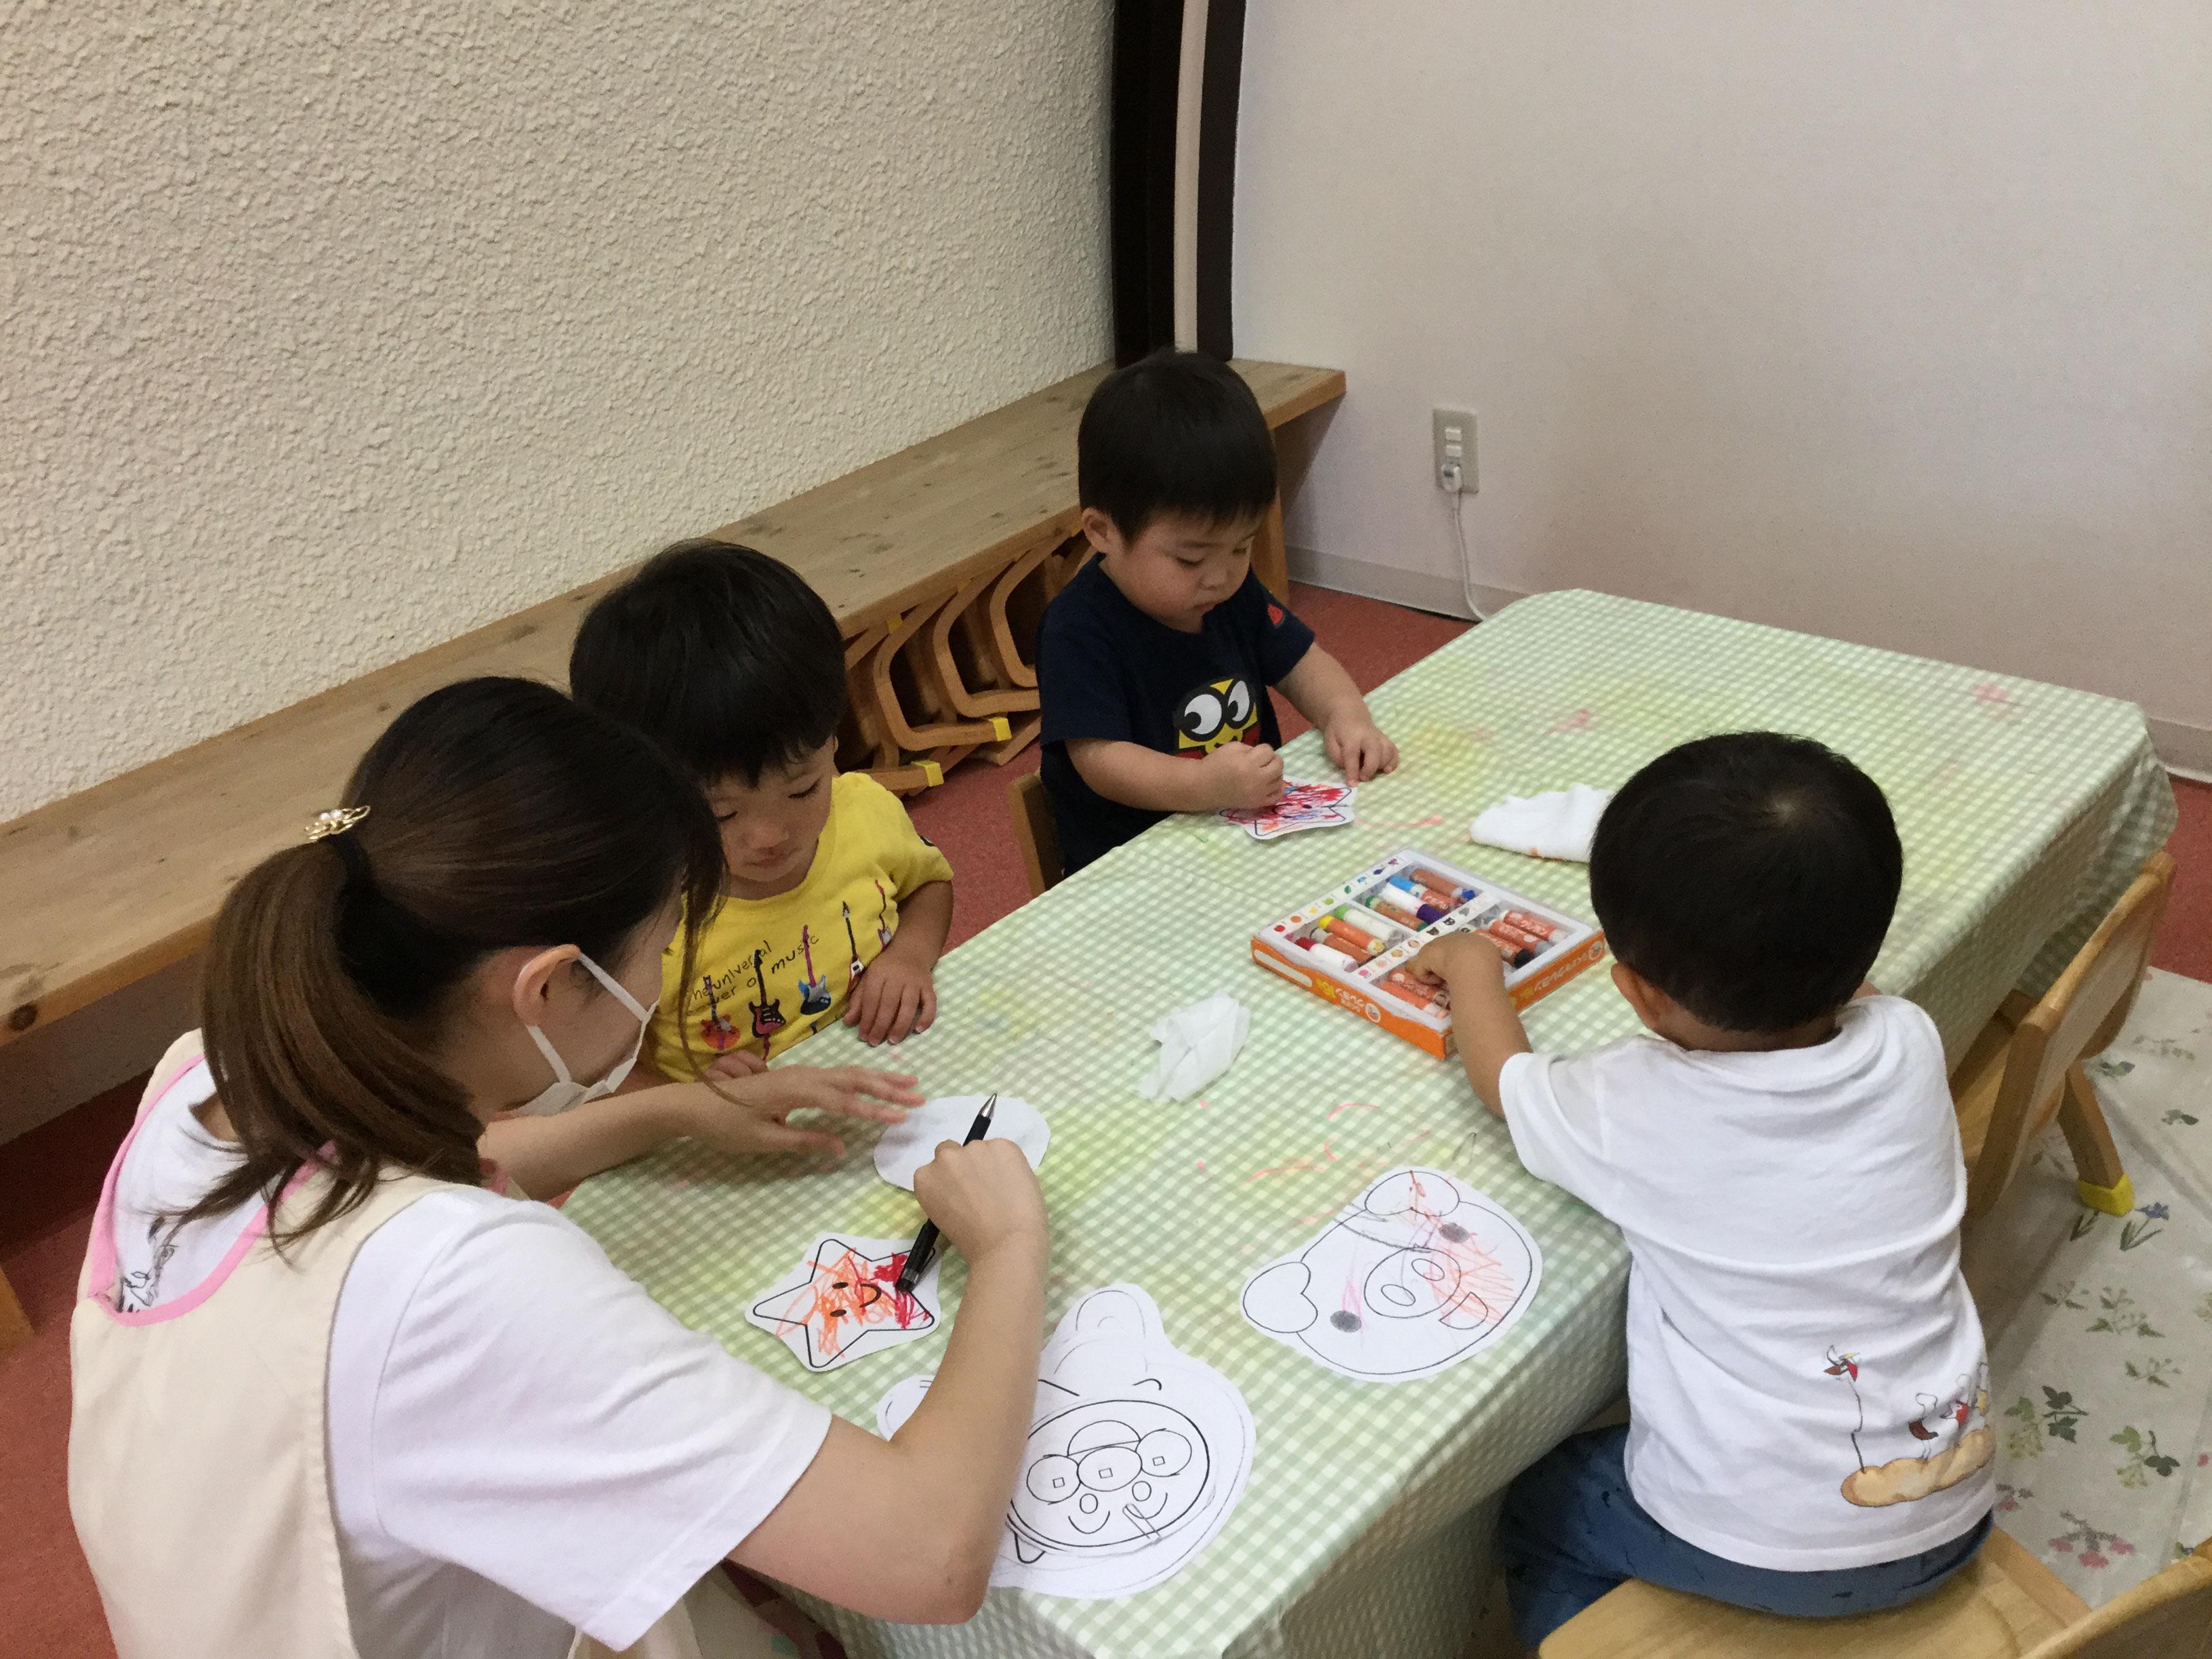 コーナー遊びは、保育室をいくつかのコーナーに区切って、子どもが主体的に取り組みたいと思うような遊具や教材を取り入れた環境を作り、そのエリアで遊ぶ活動です。